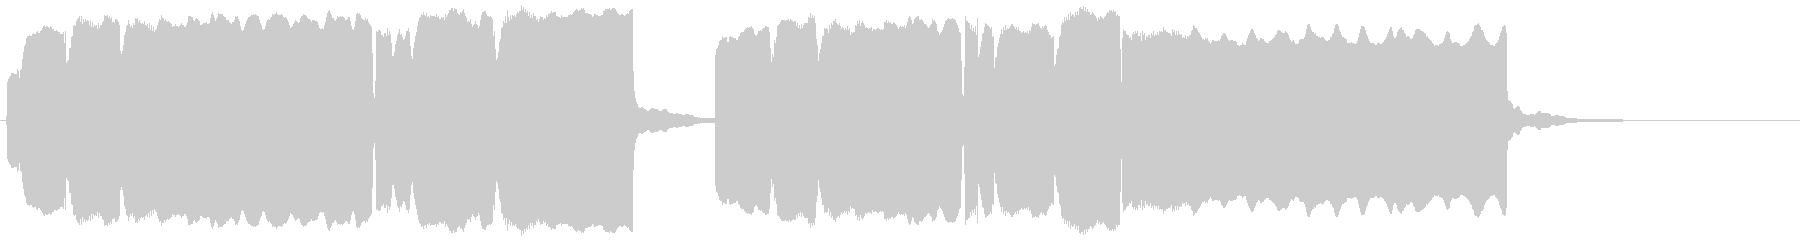 チャルメラ、屋台のラーメンのメロディーの未再生の波形